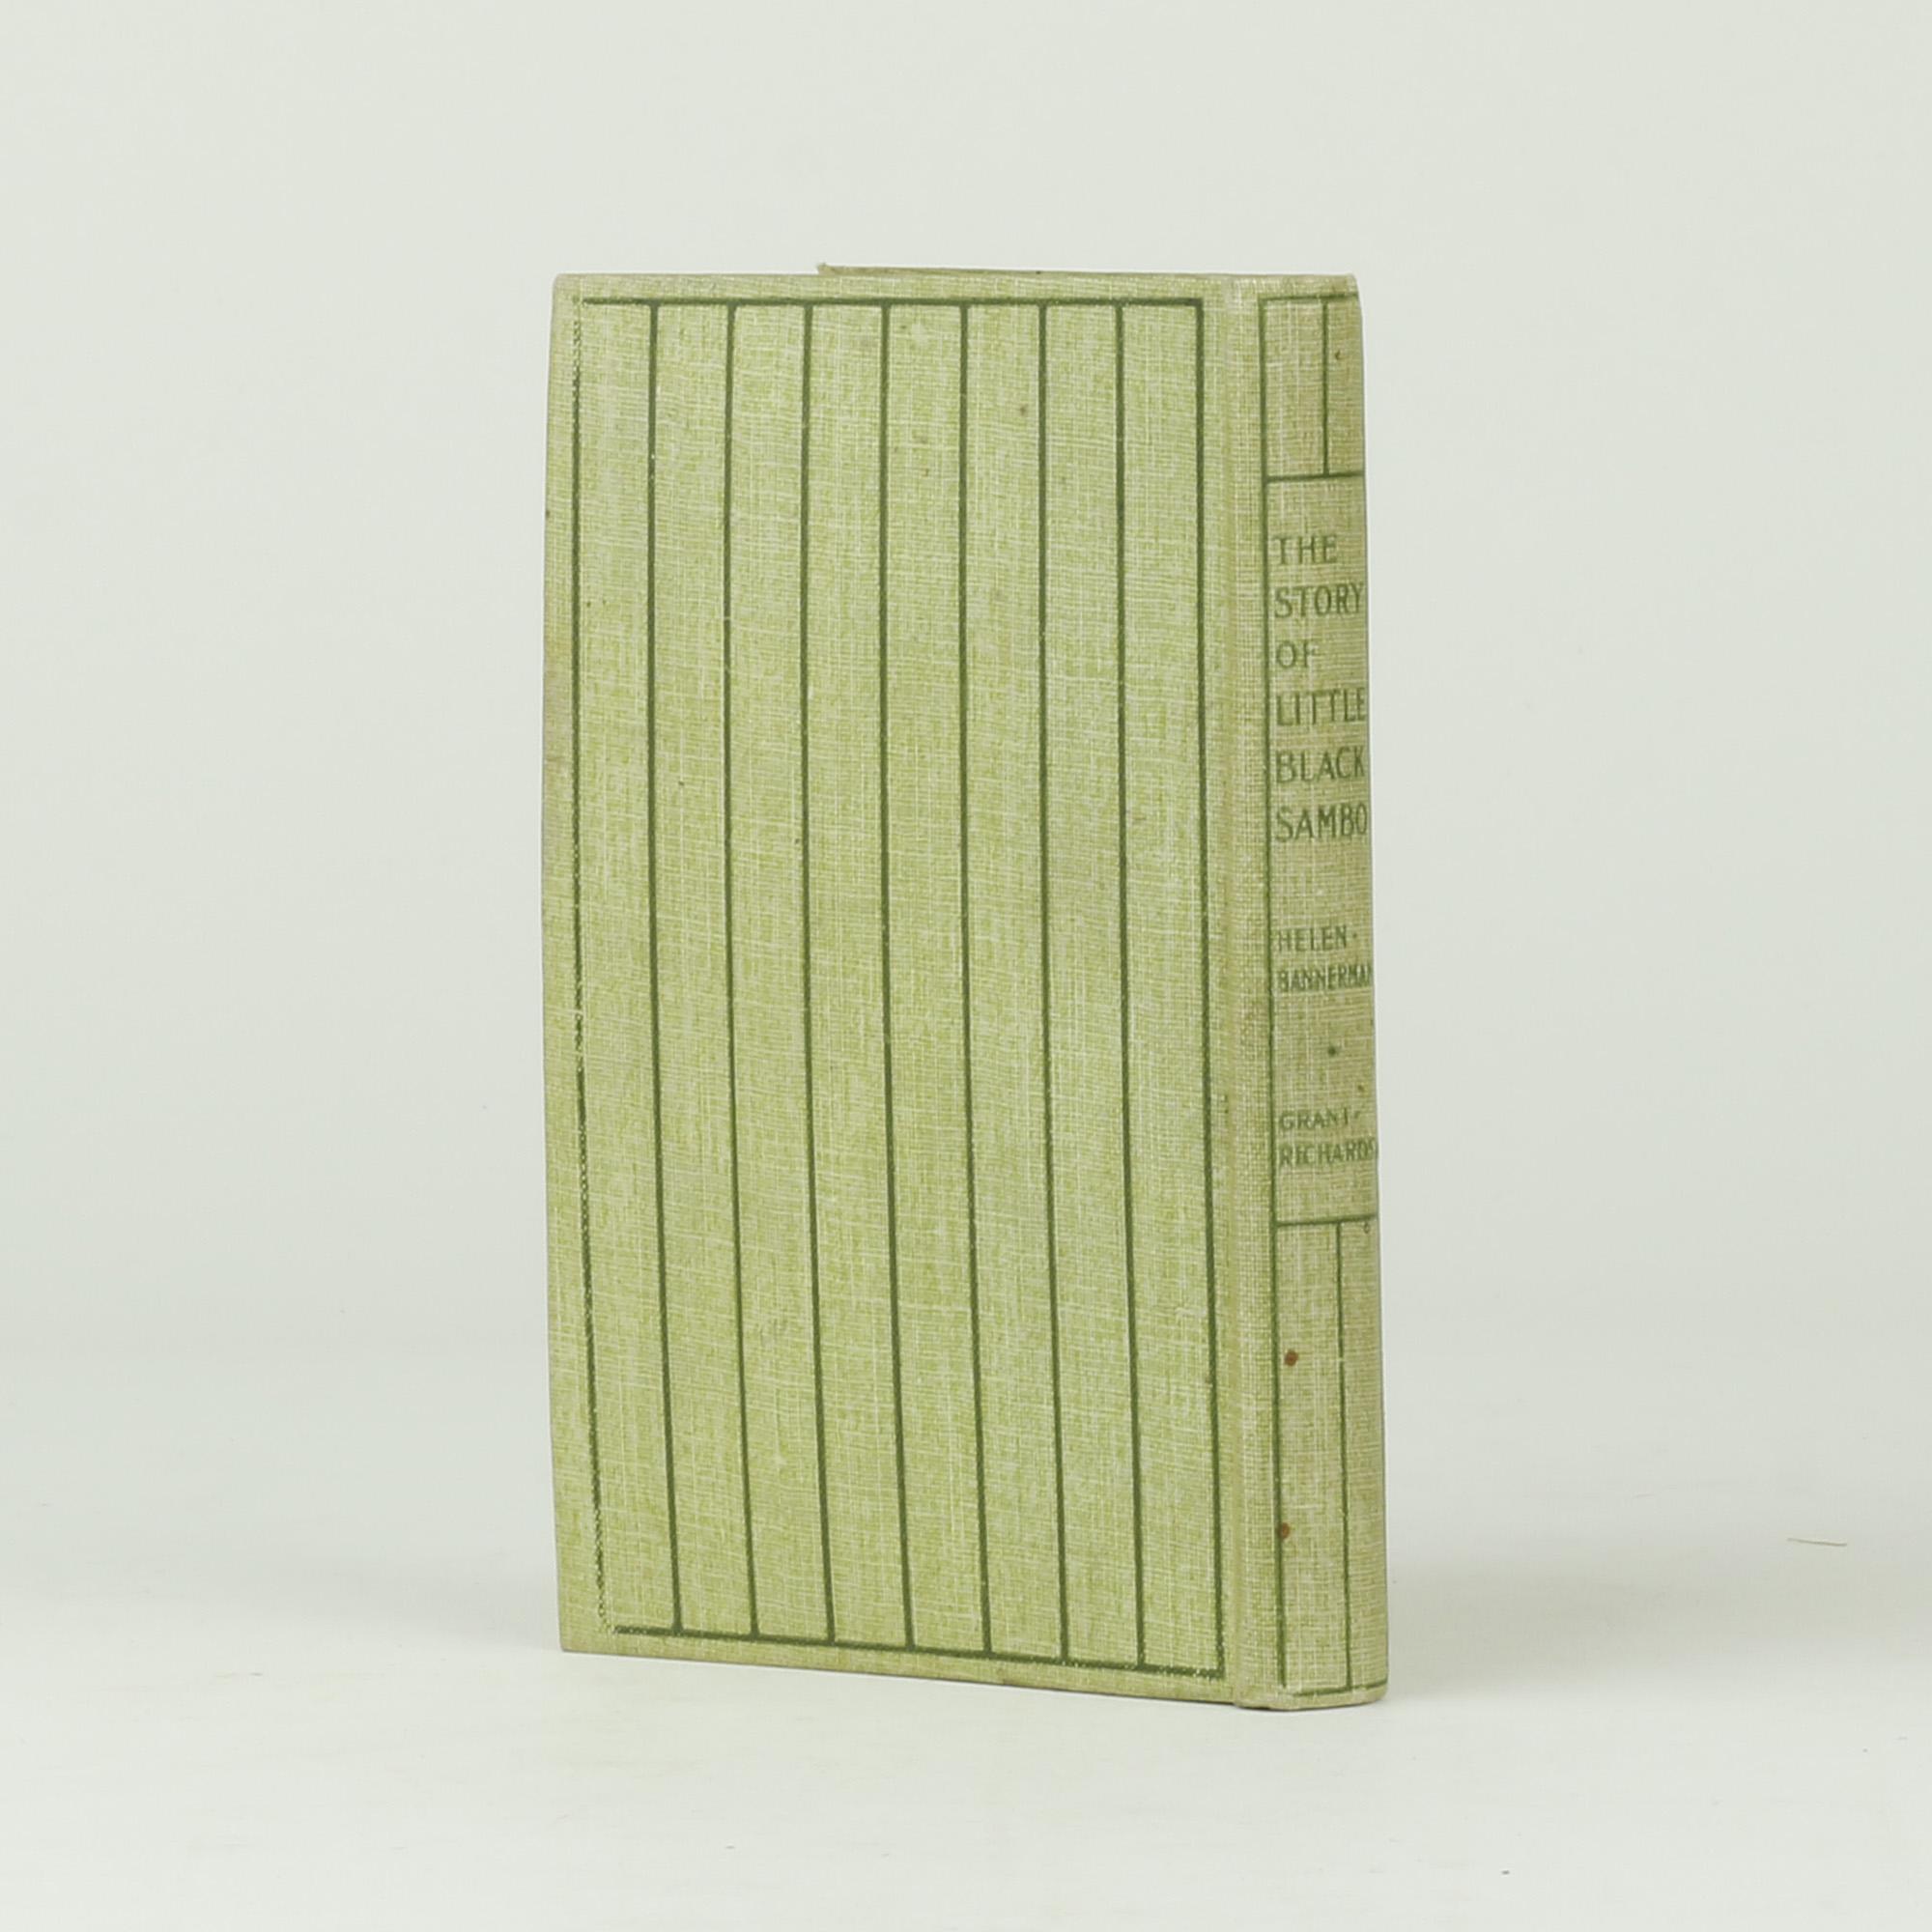 Little Black Sambo by BANNERMAN, Helen - Jonkers Rare Books